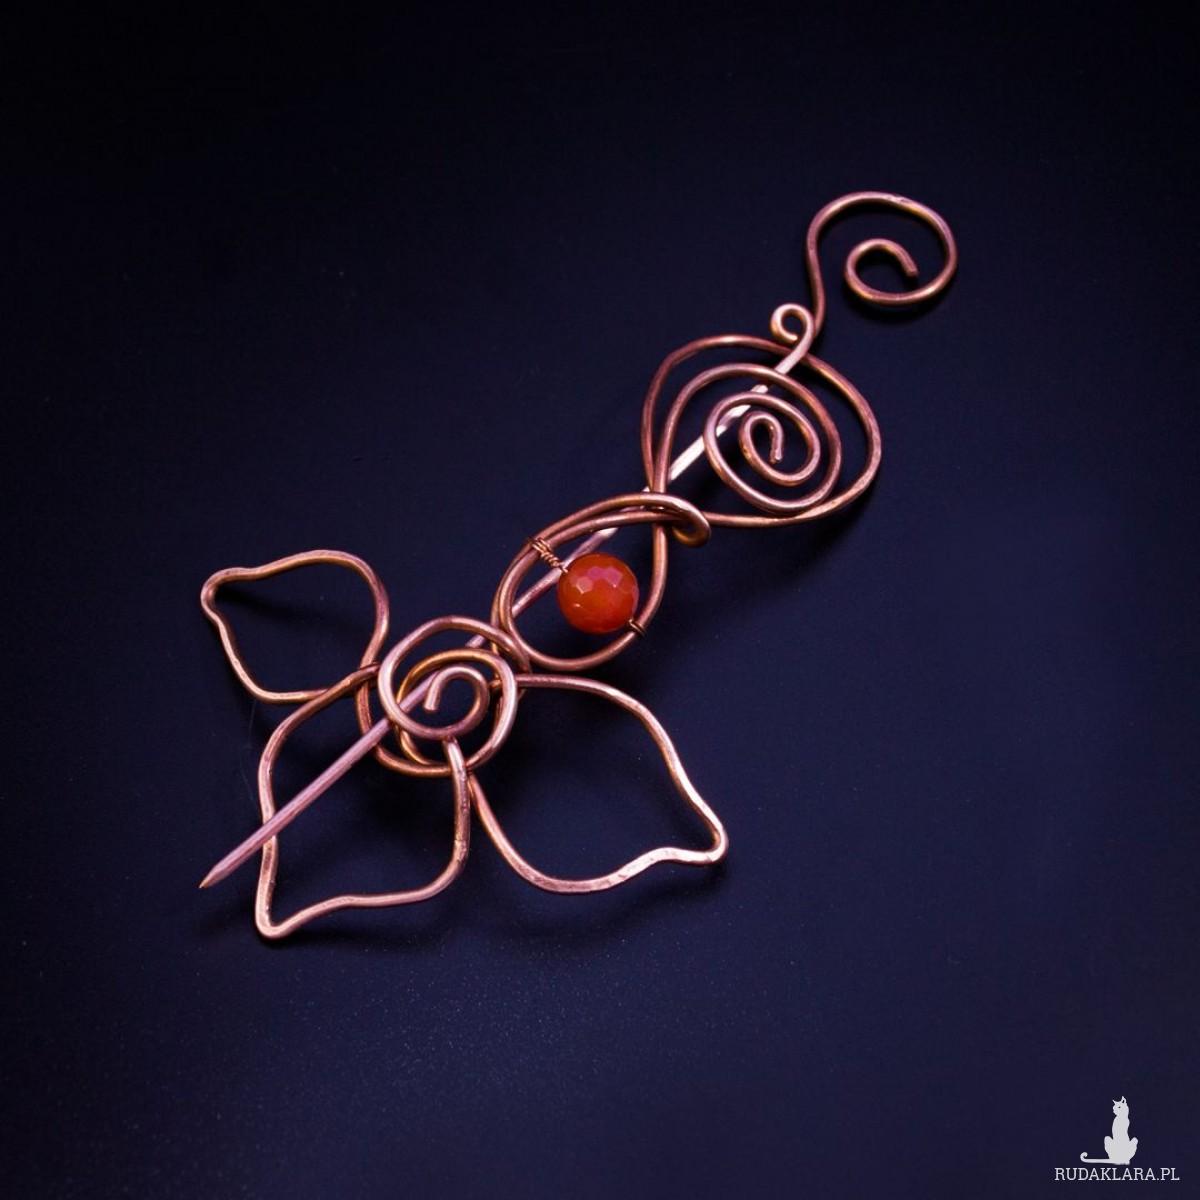 Miedziana duża broszka - kwiat z agatem